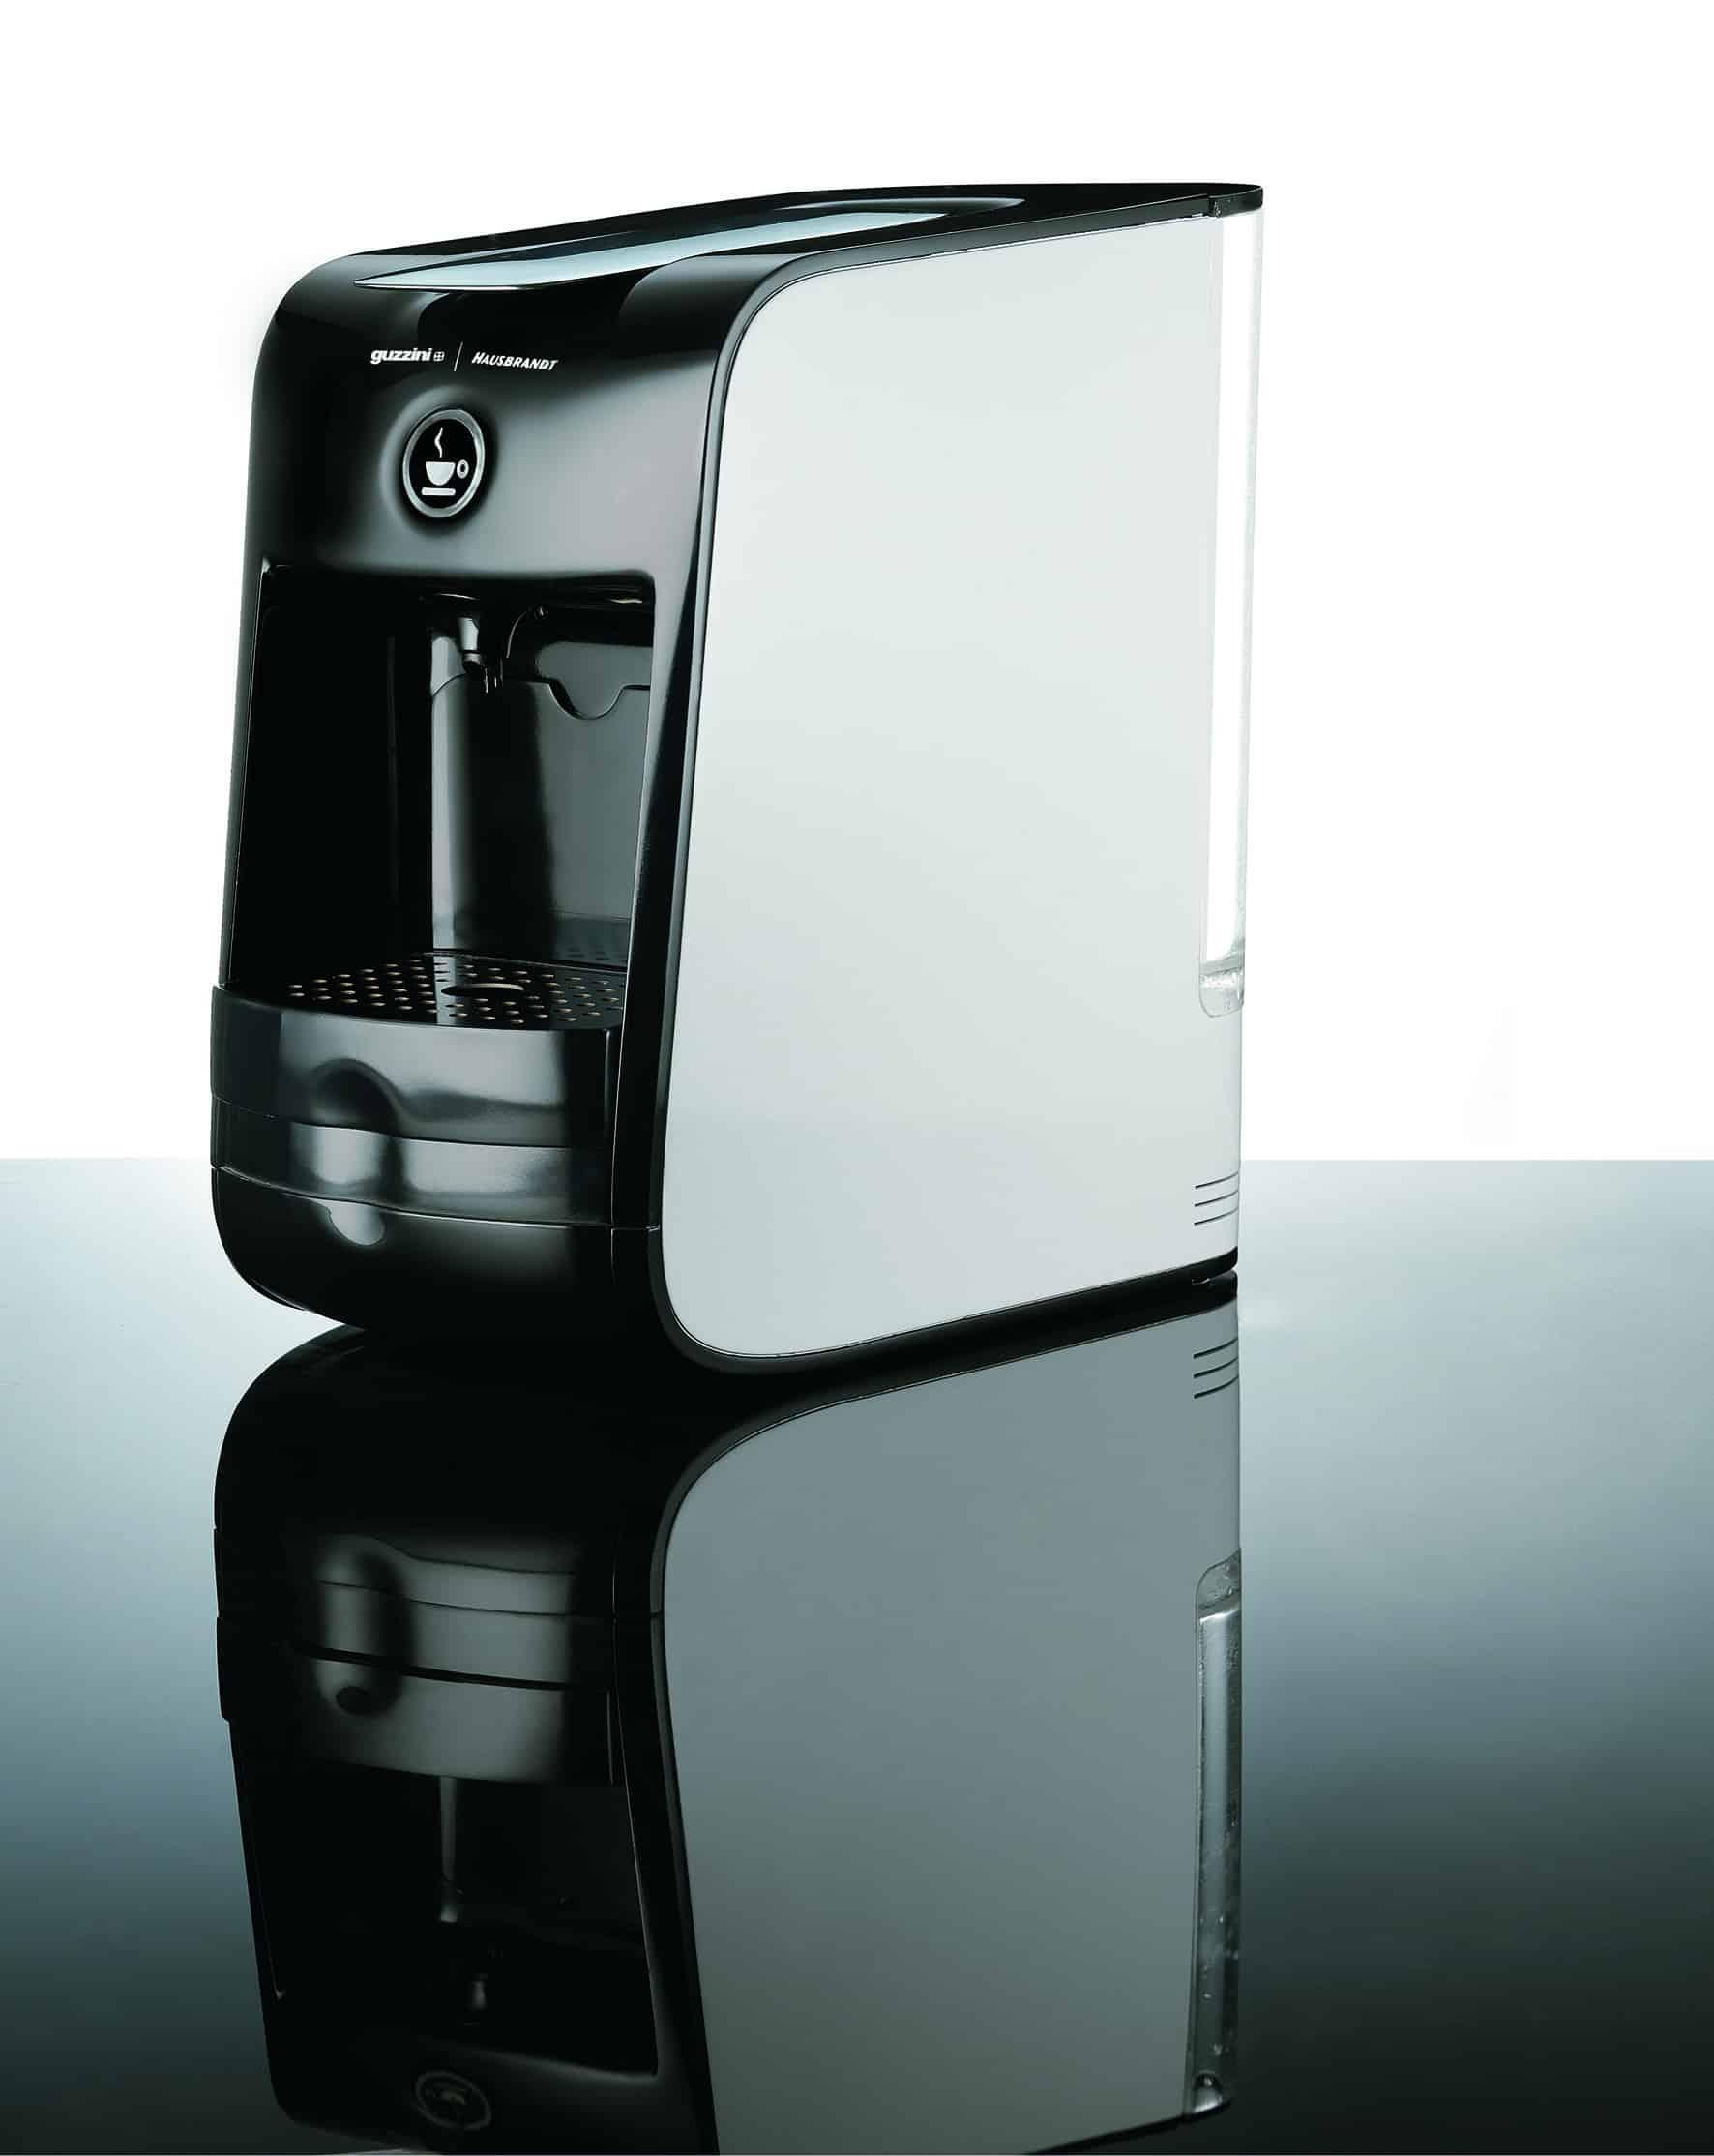 Macchina del caffè Guzzini-Hausbrandt: un mix di design e passione per il caffè